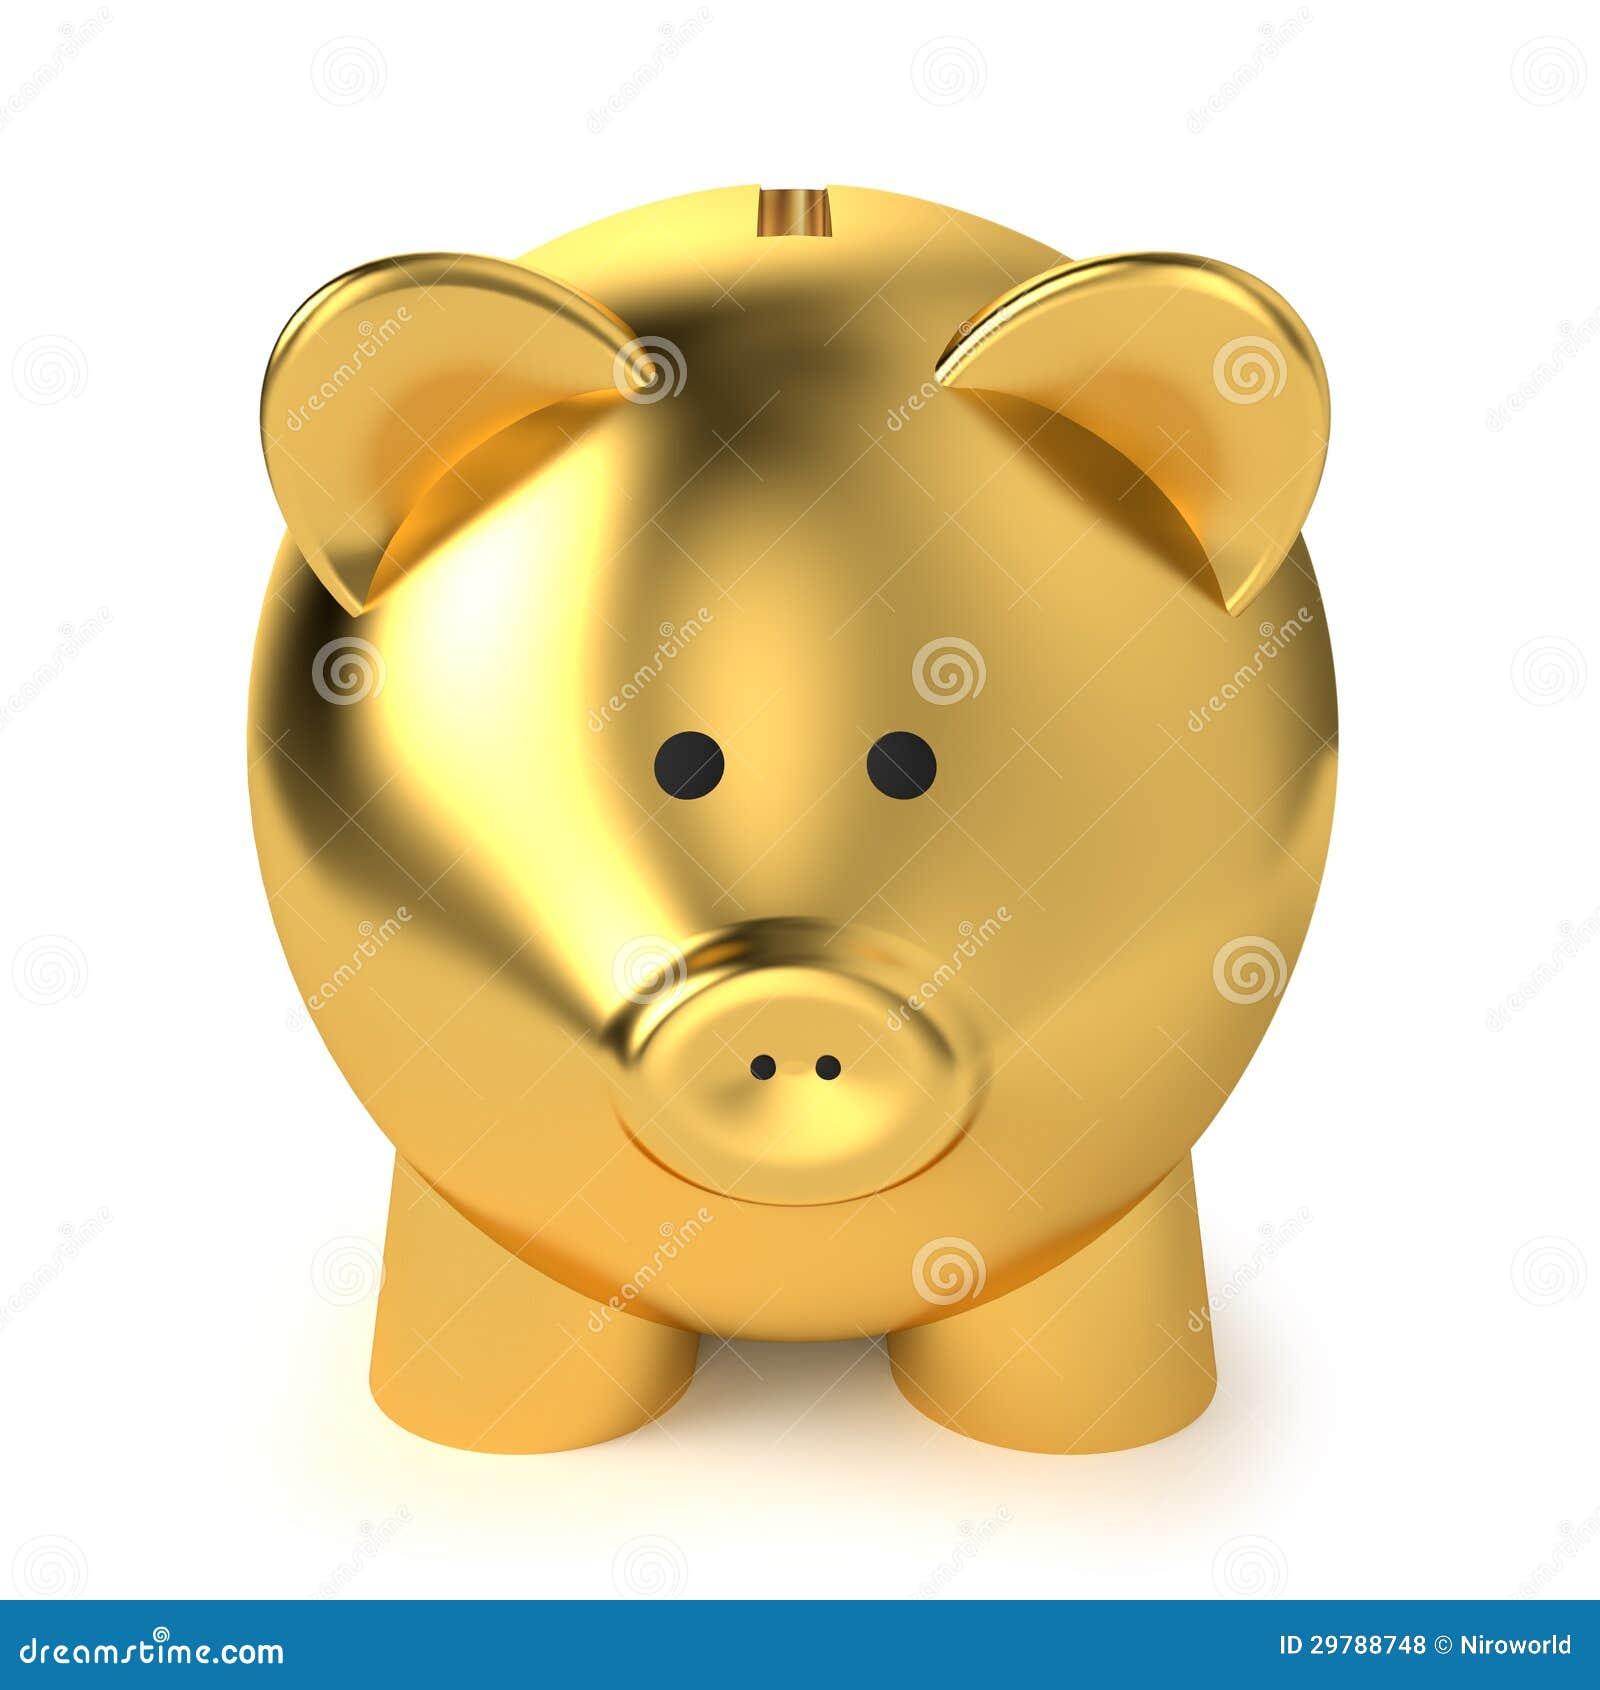 gold piggy bank piggy bank financial savings business concept  - piggy bank